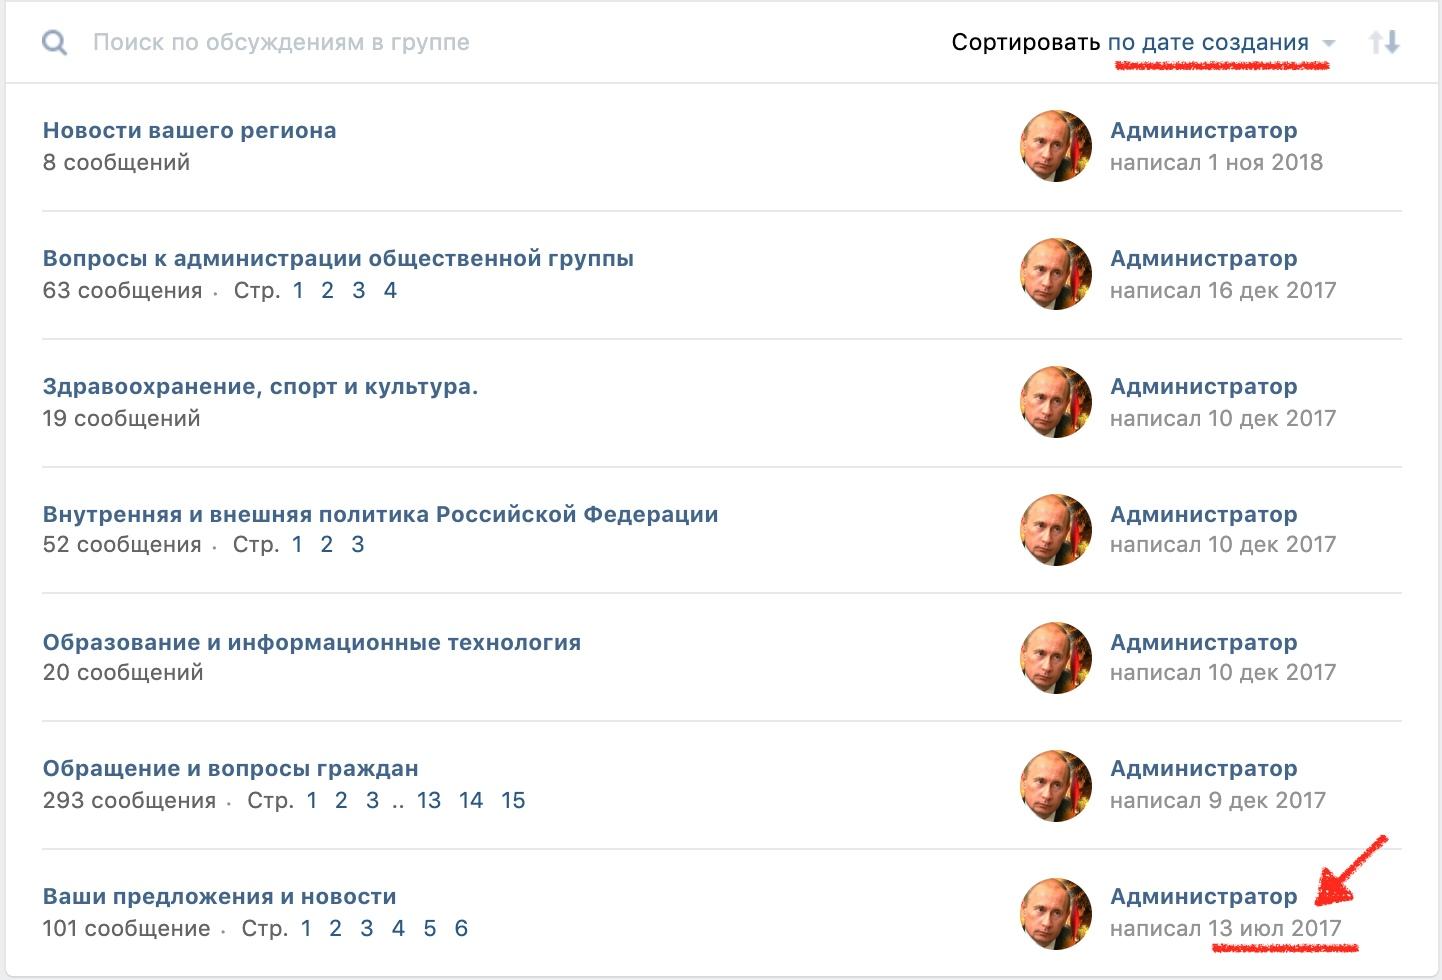 МОД «АллатРа». Часть 3. Миссия «Президент РФ» или инструмент манипуляции доверием, изображение №3